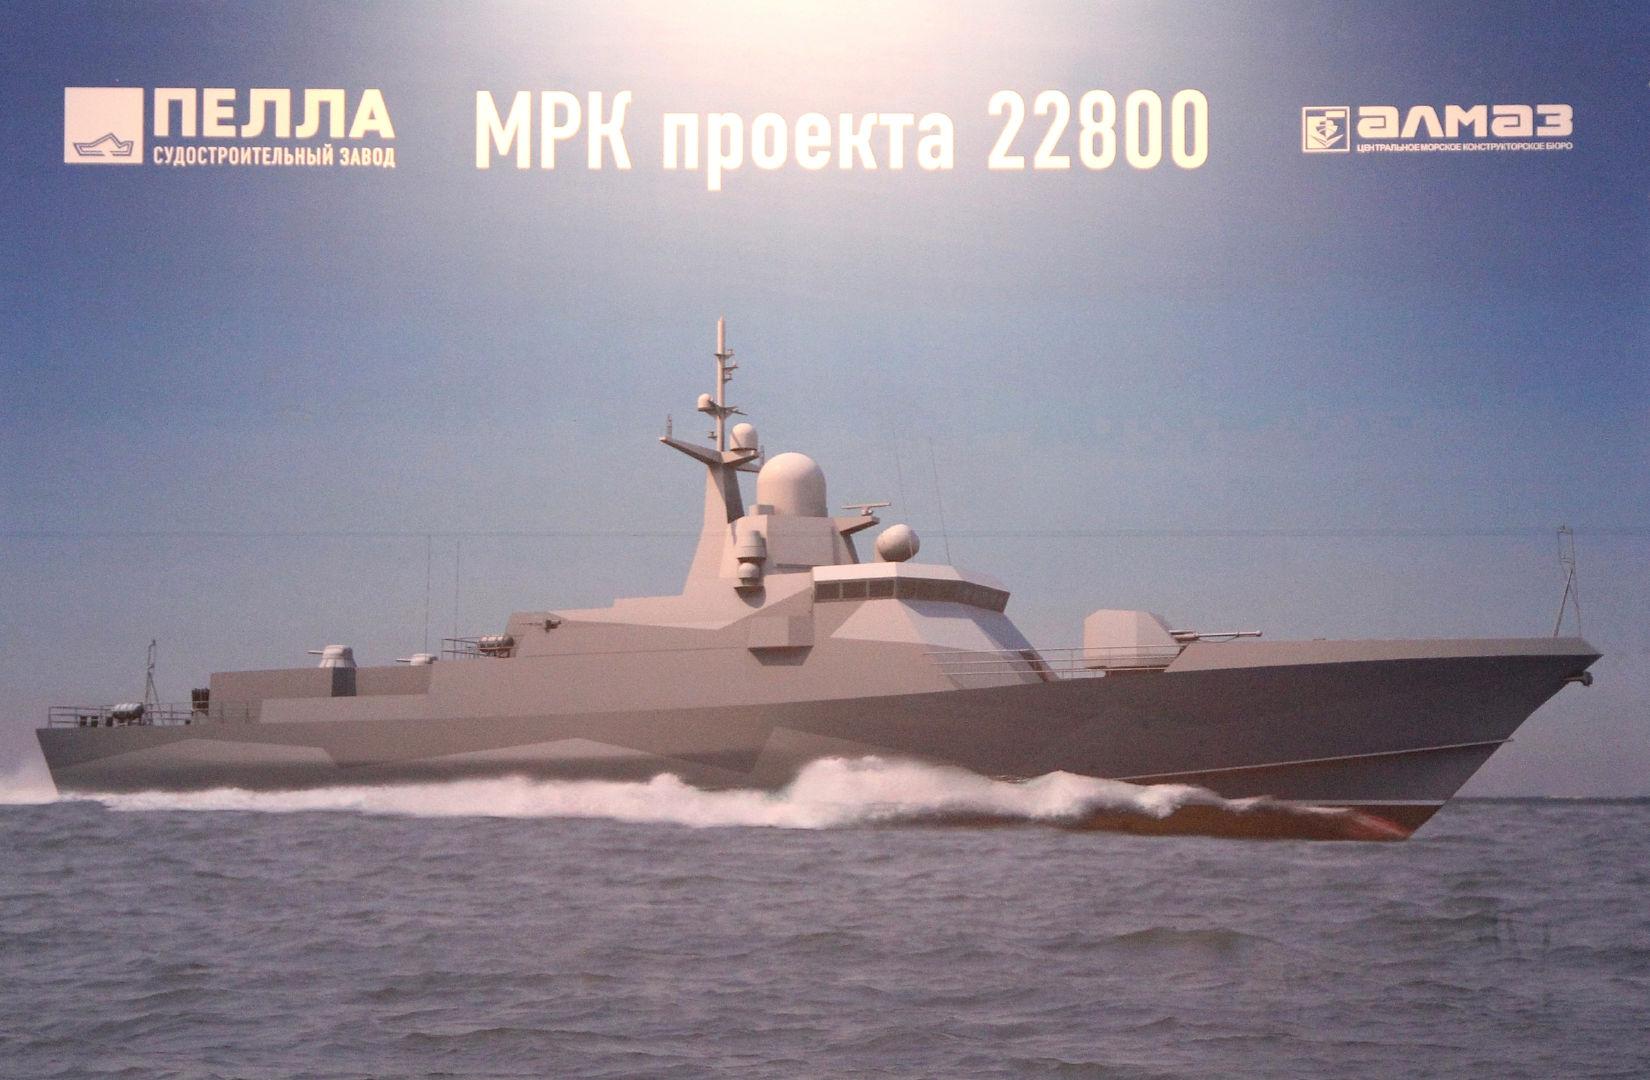 MRK22800.jpg